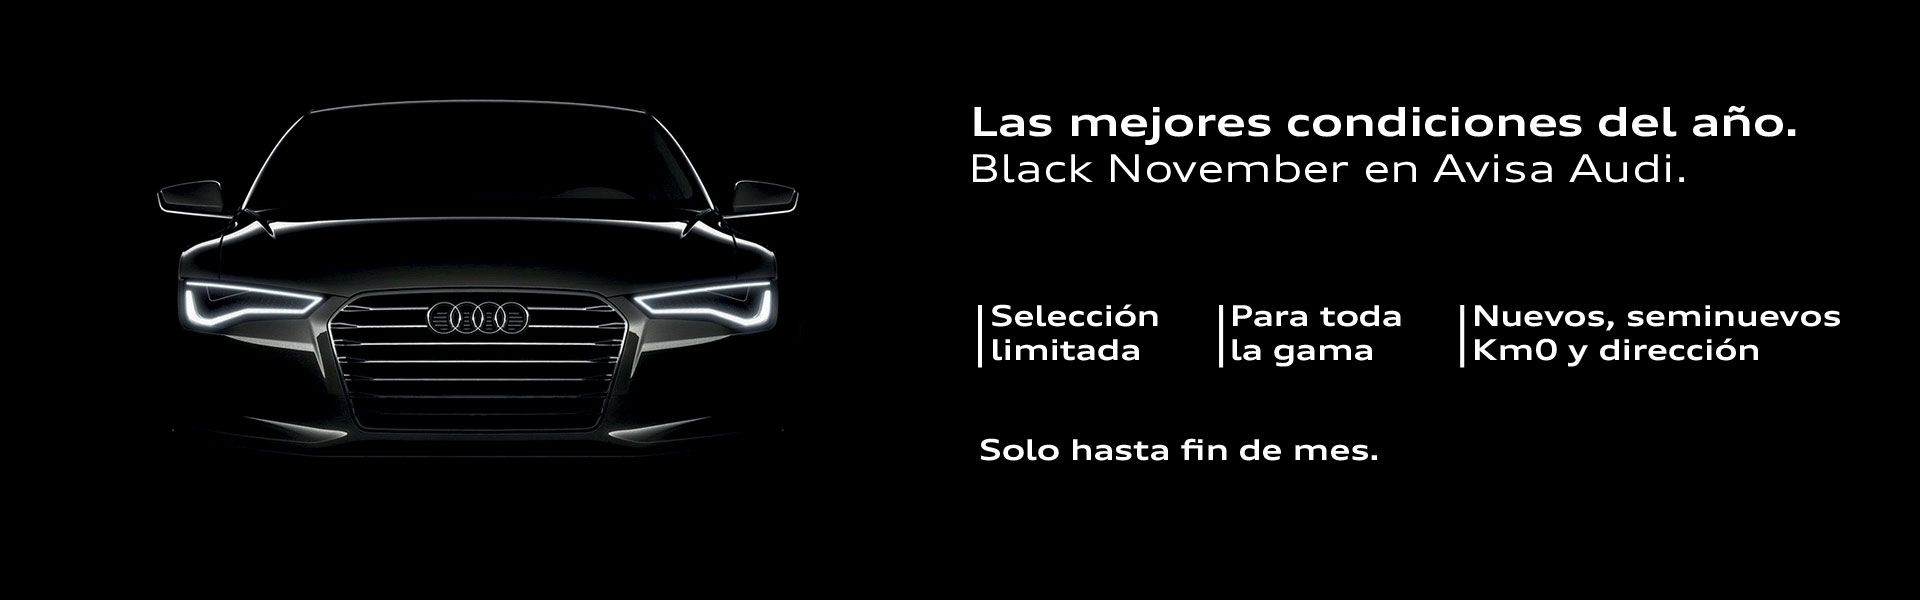 Black November en Avisa Audi